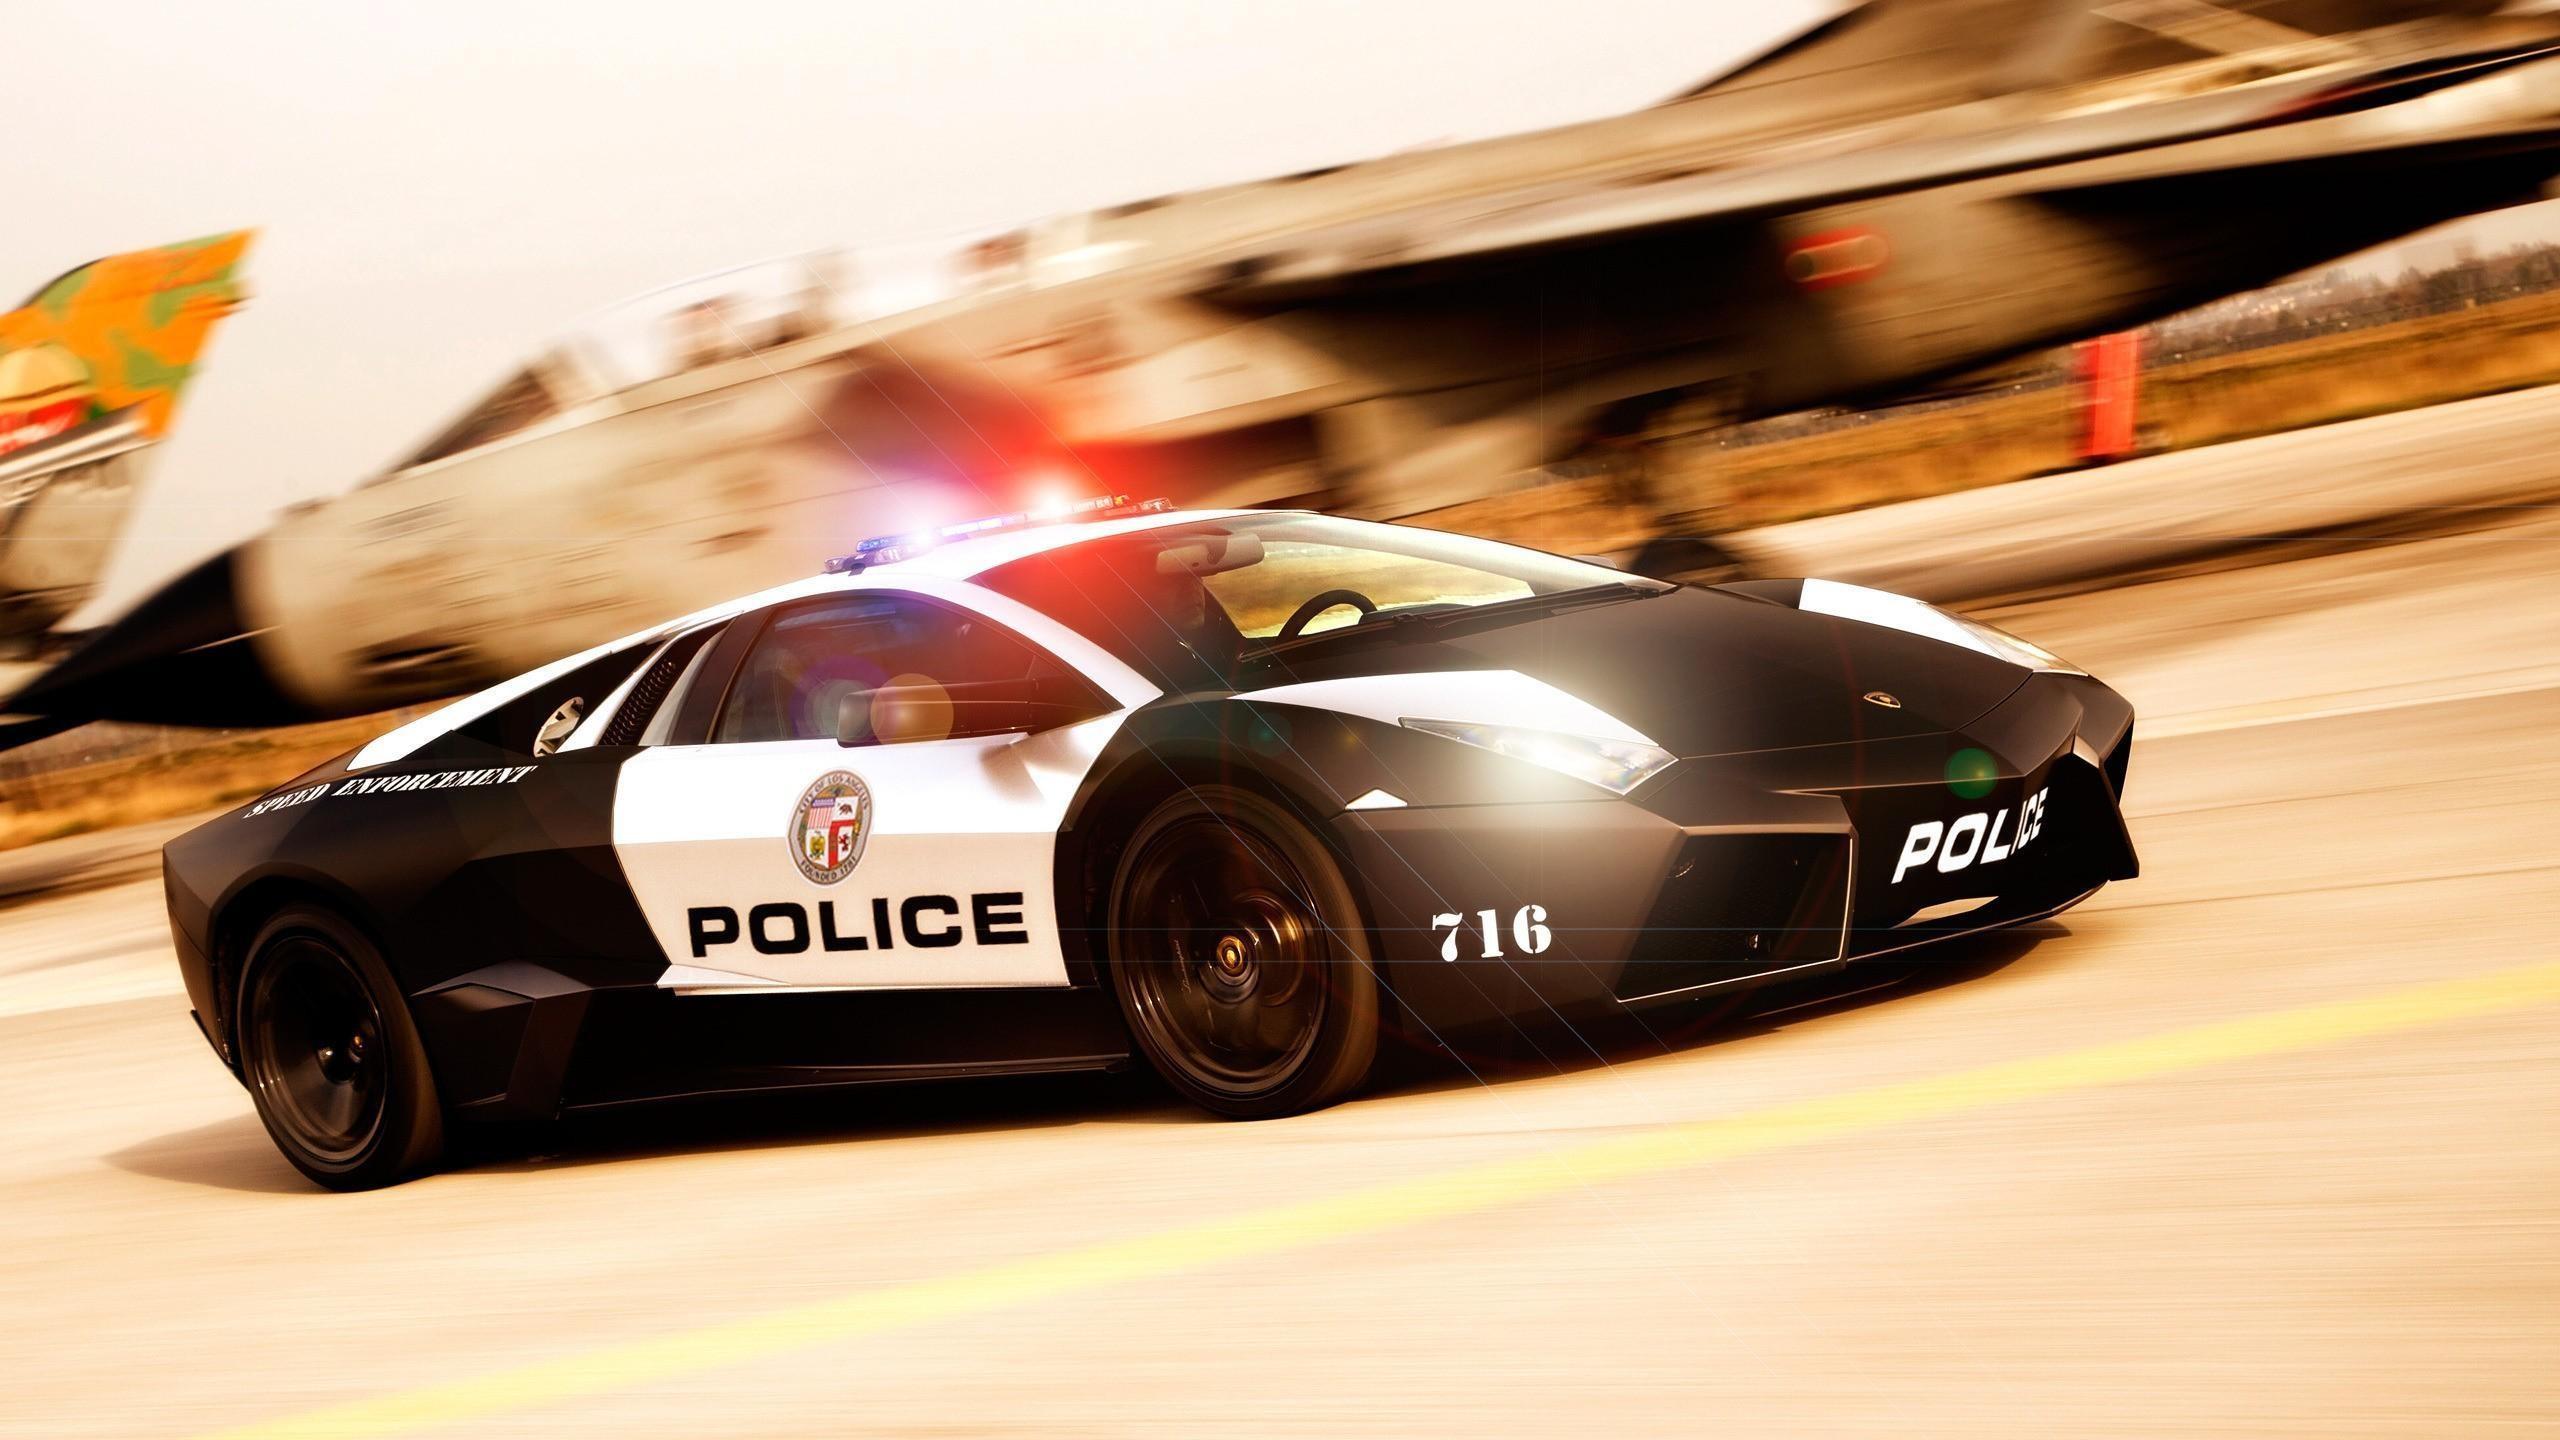 Cool Cop Car